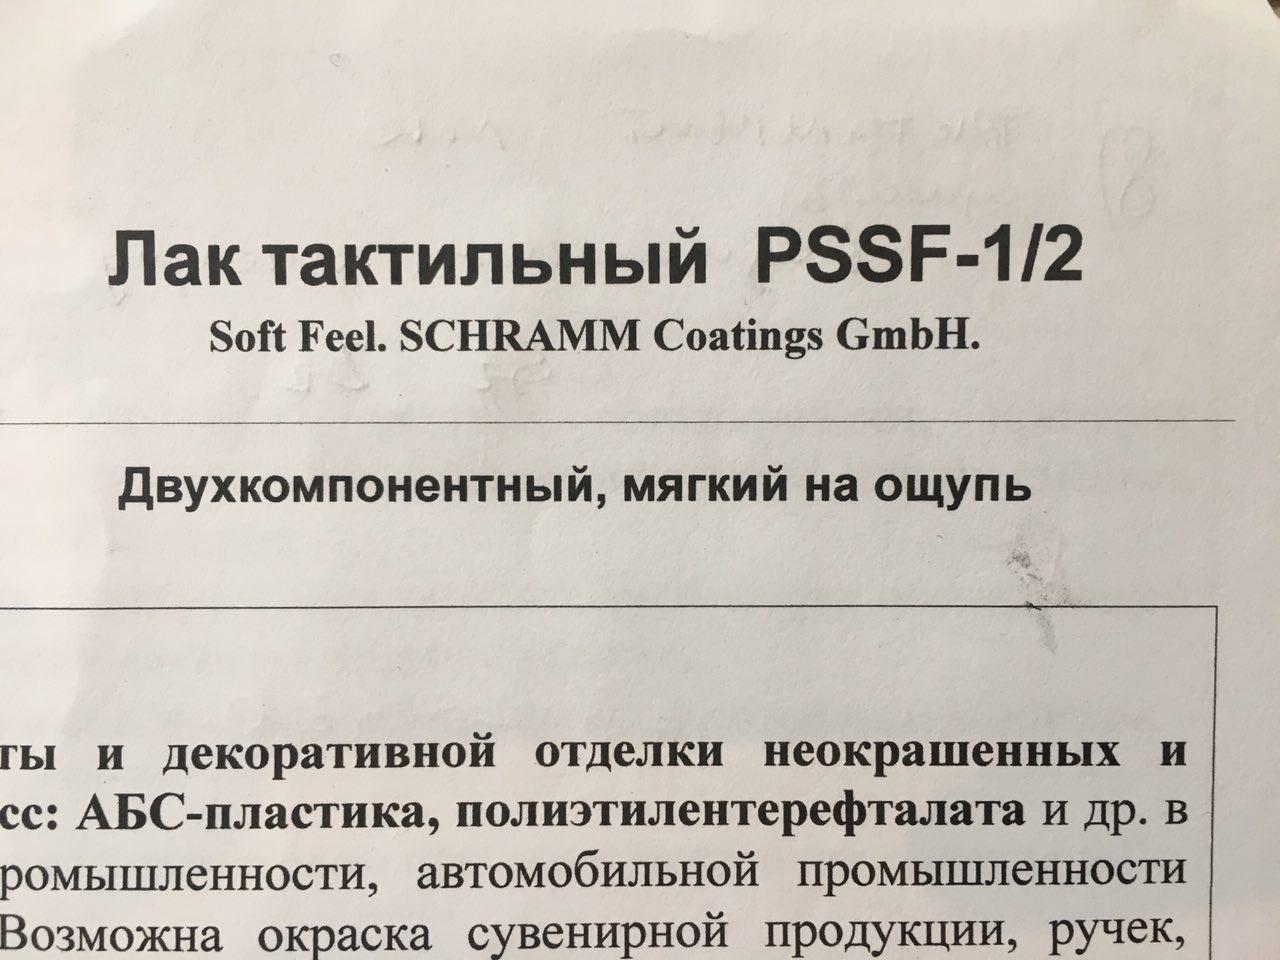 Мелкосерийное производство корпусов 3д печатью. Придаем «заводской» внешний вид - 16